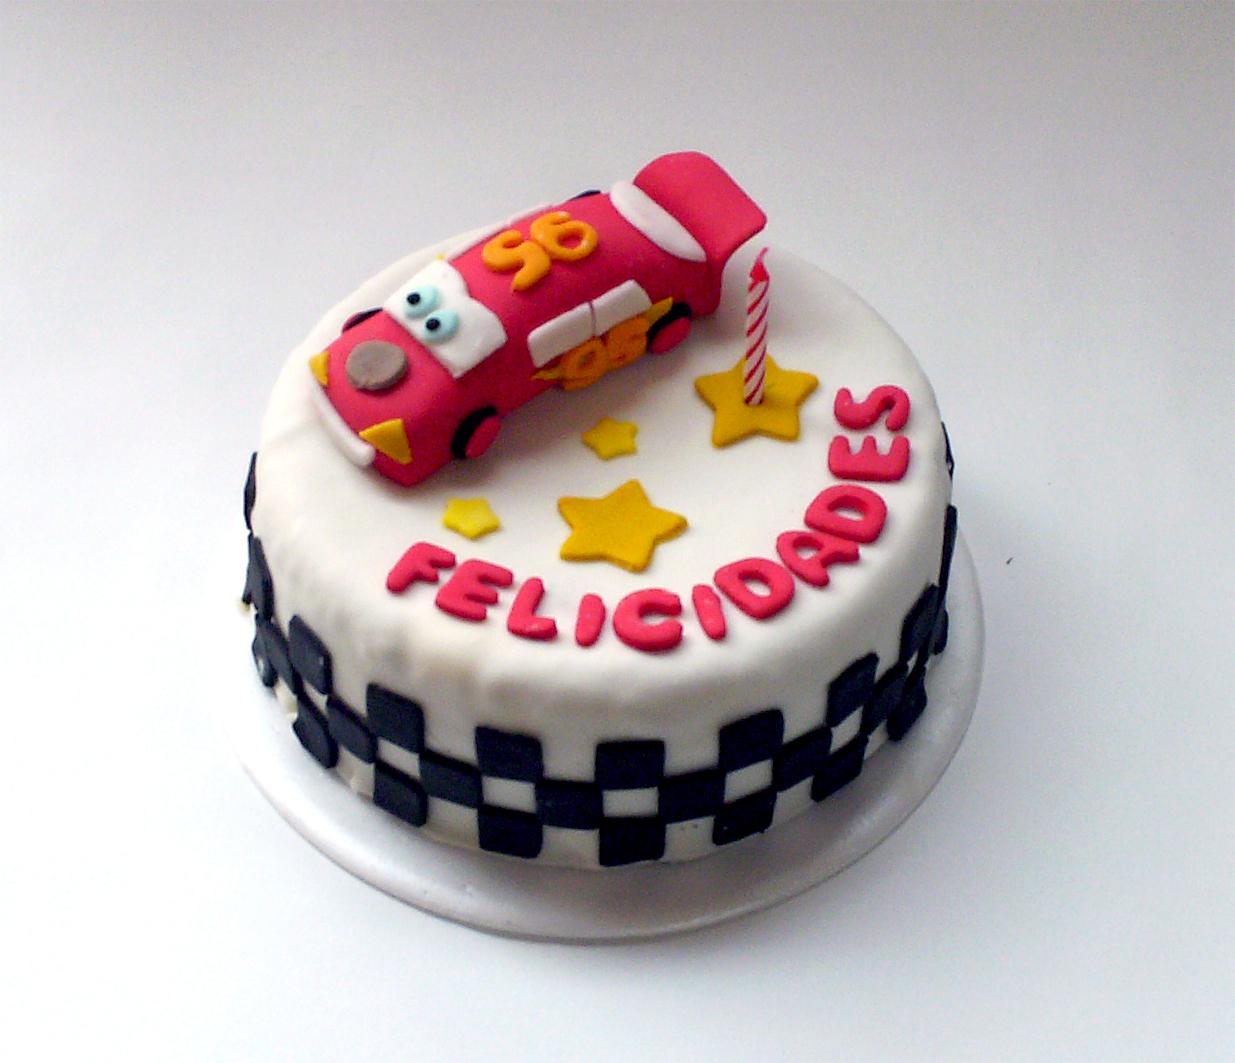 Torta de vainilla decorada en pastillaje con Rayo Mc Queen, tema Cars.